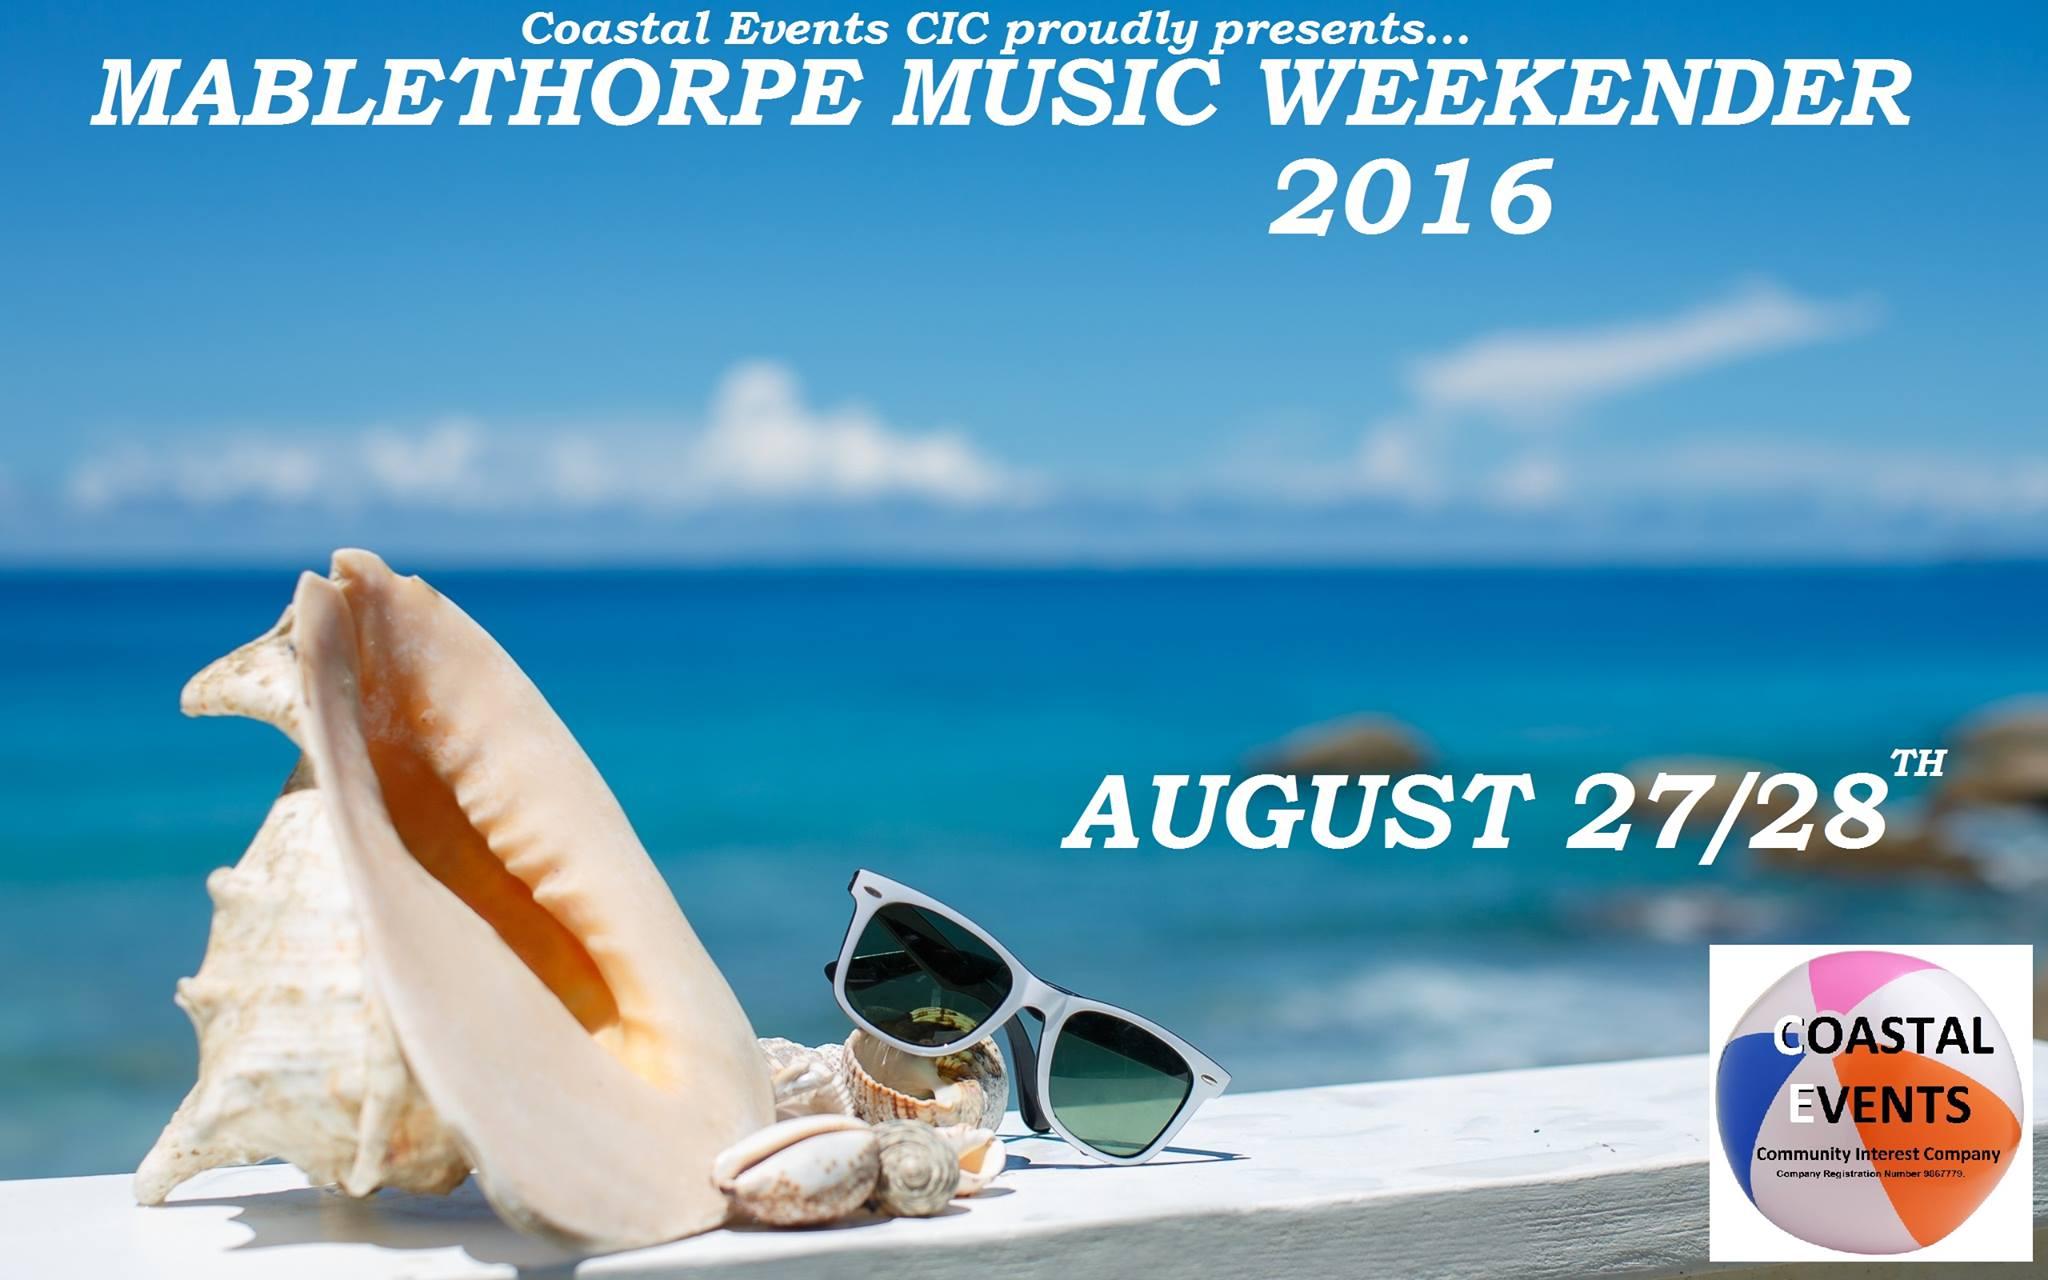 Photo: Mablethorpe Music Weekender